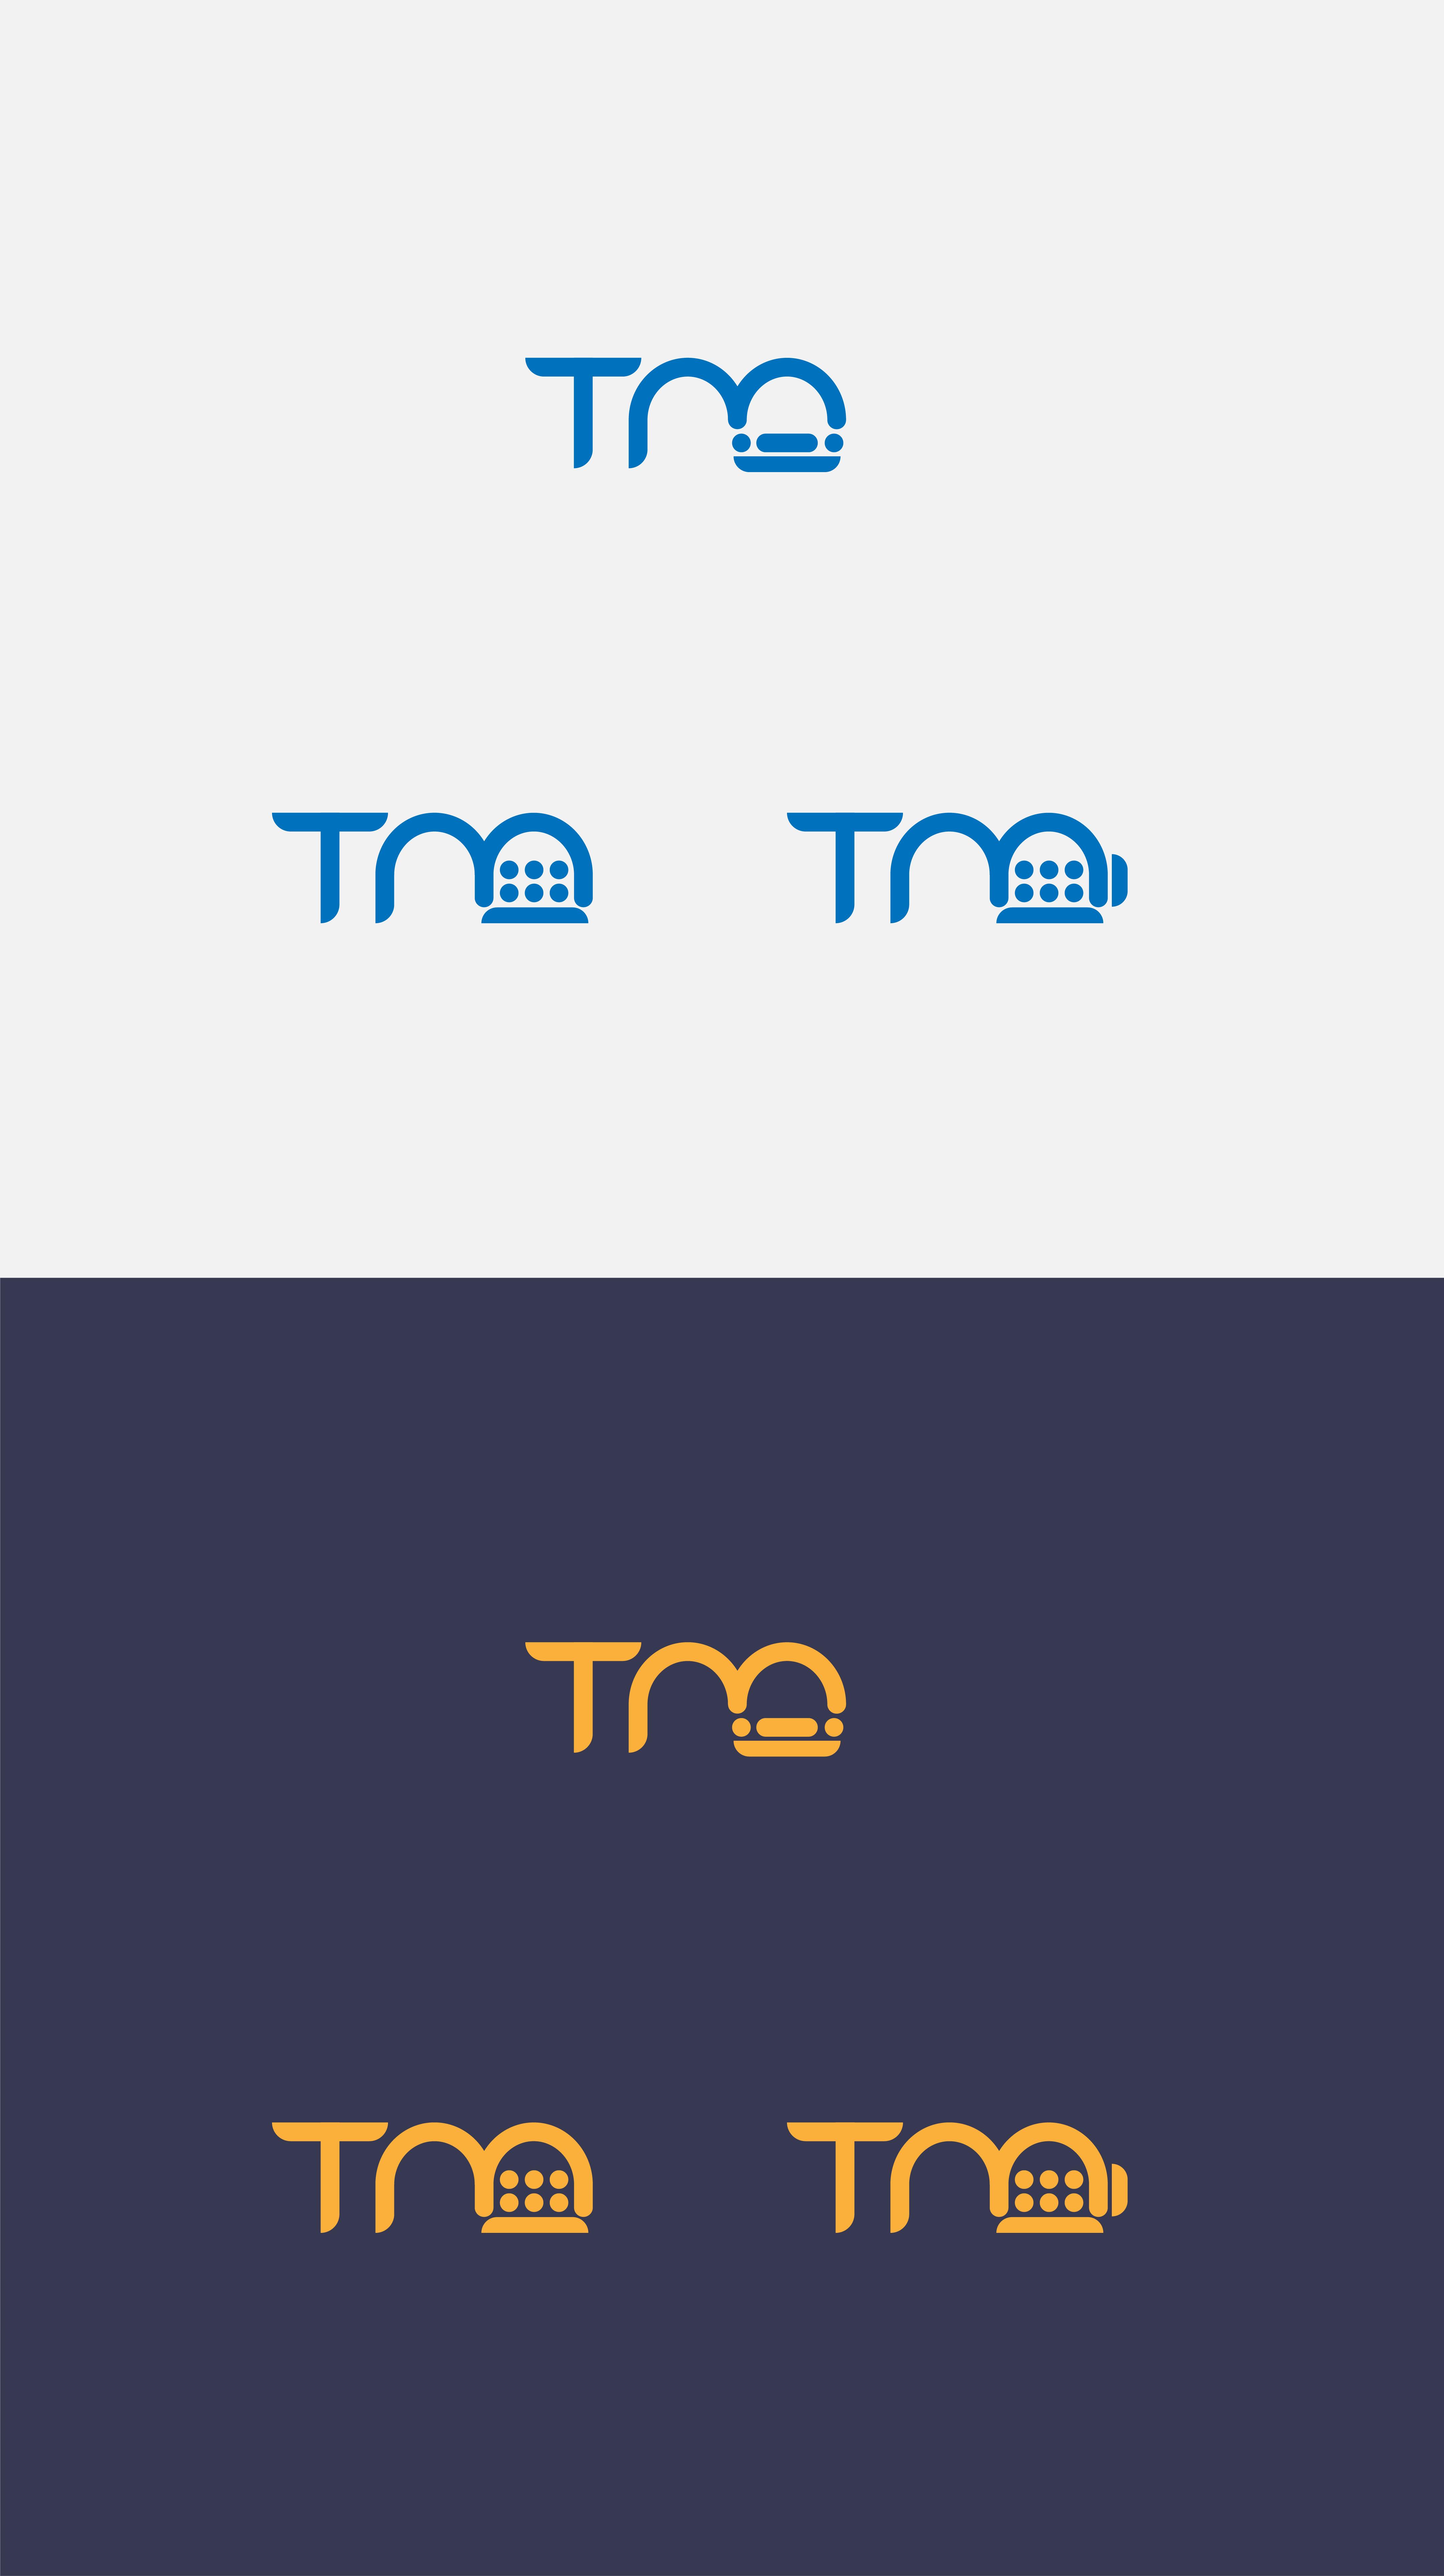 Разработка логотипа фото f_405597b8ba7cee0f.png